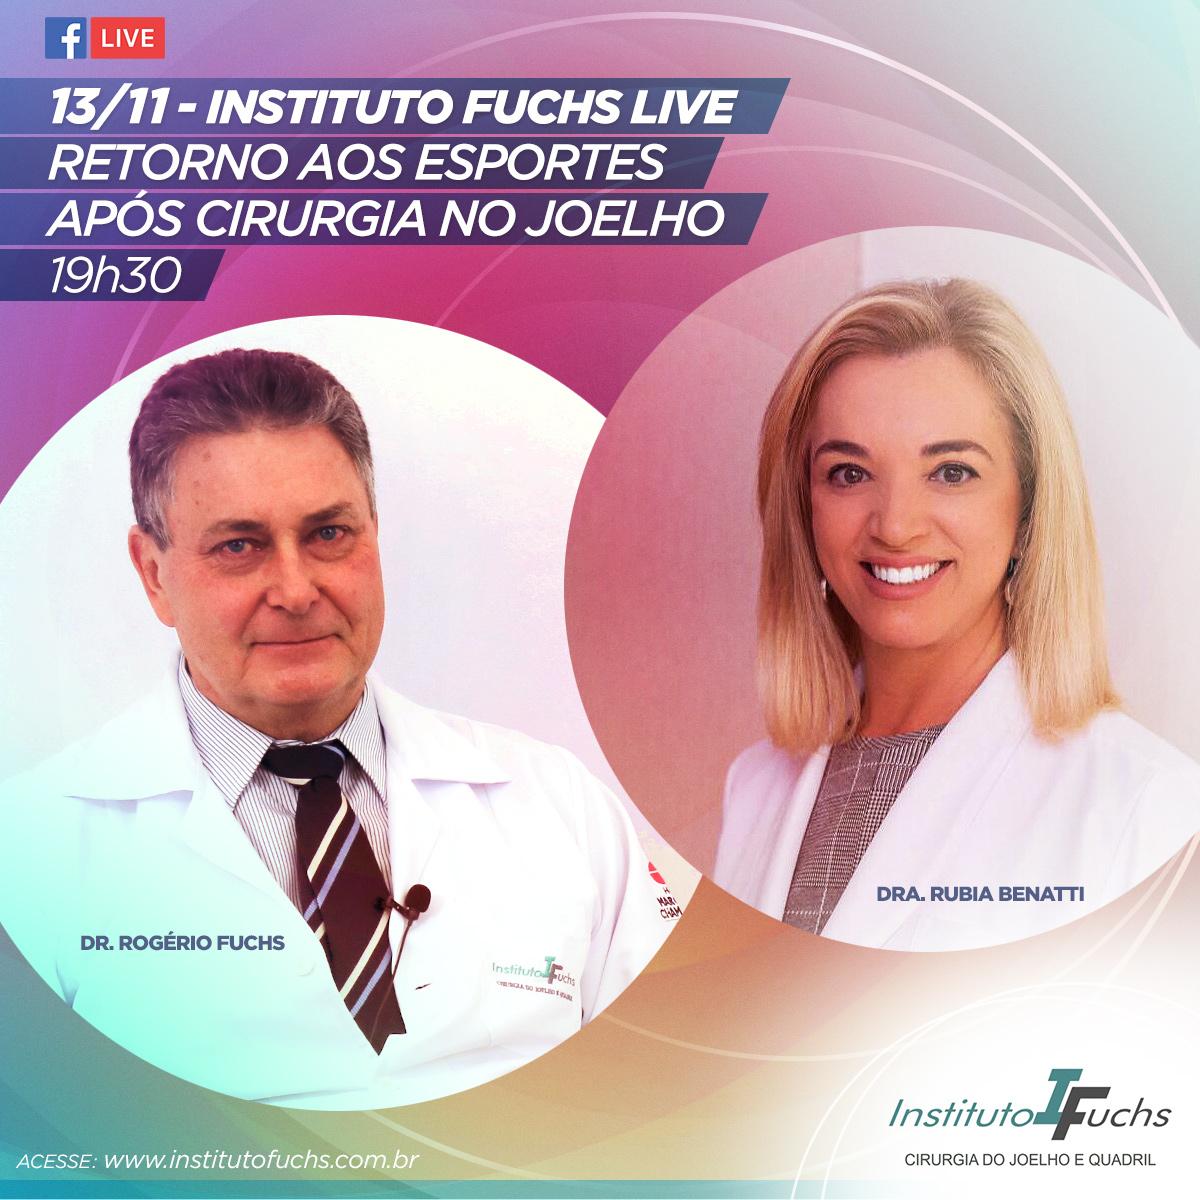 LIVE: Retorno à atividade física após cirurgia do joelho com Dr. Rogério Fuchs e Dra. Rubia Benatti